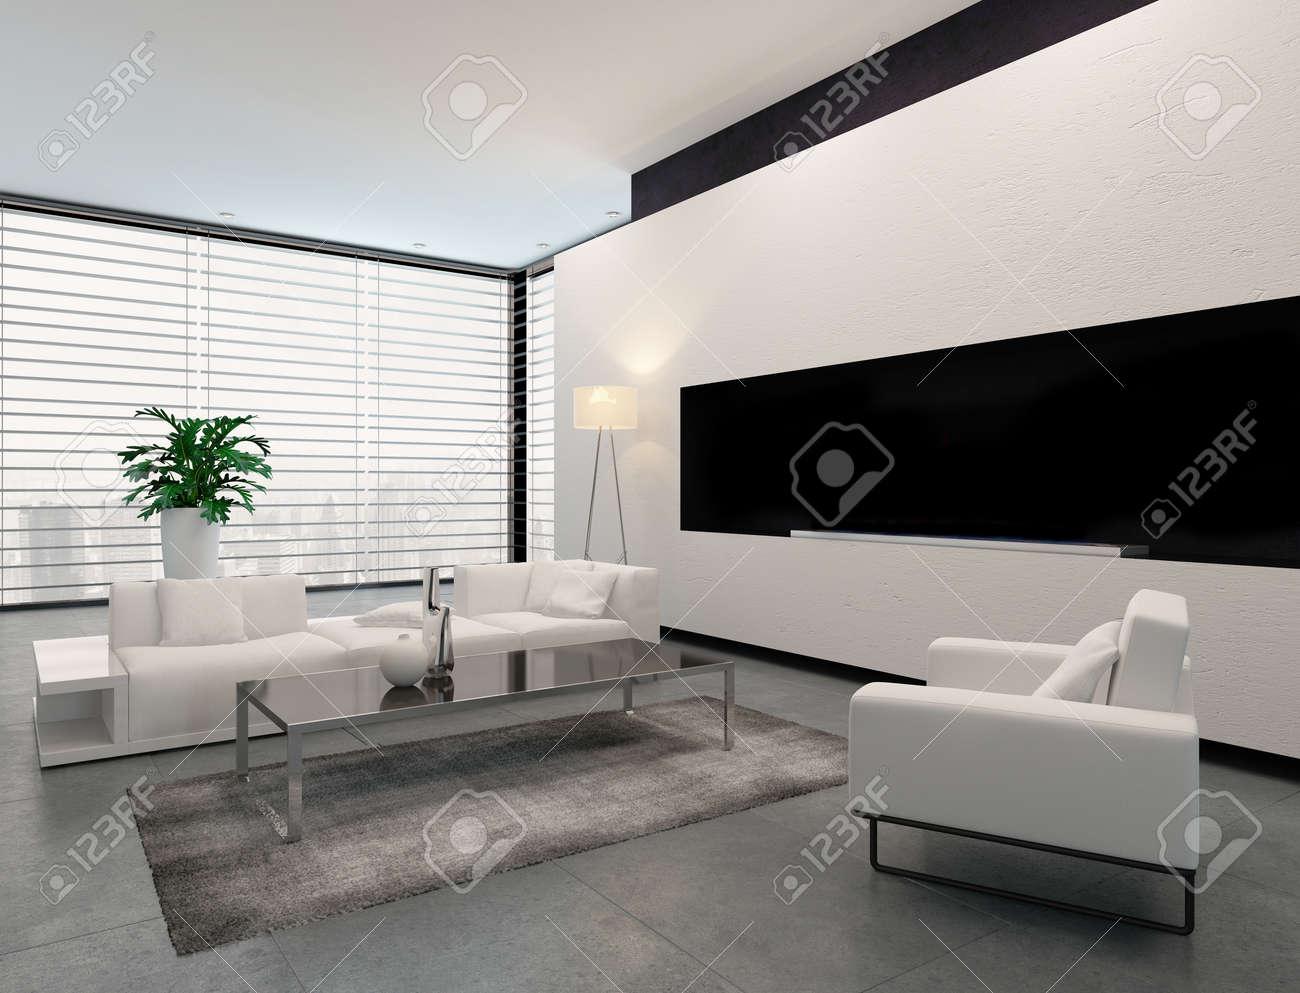 Wohnzimmer Grau Weiß Design